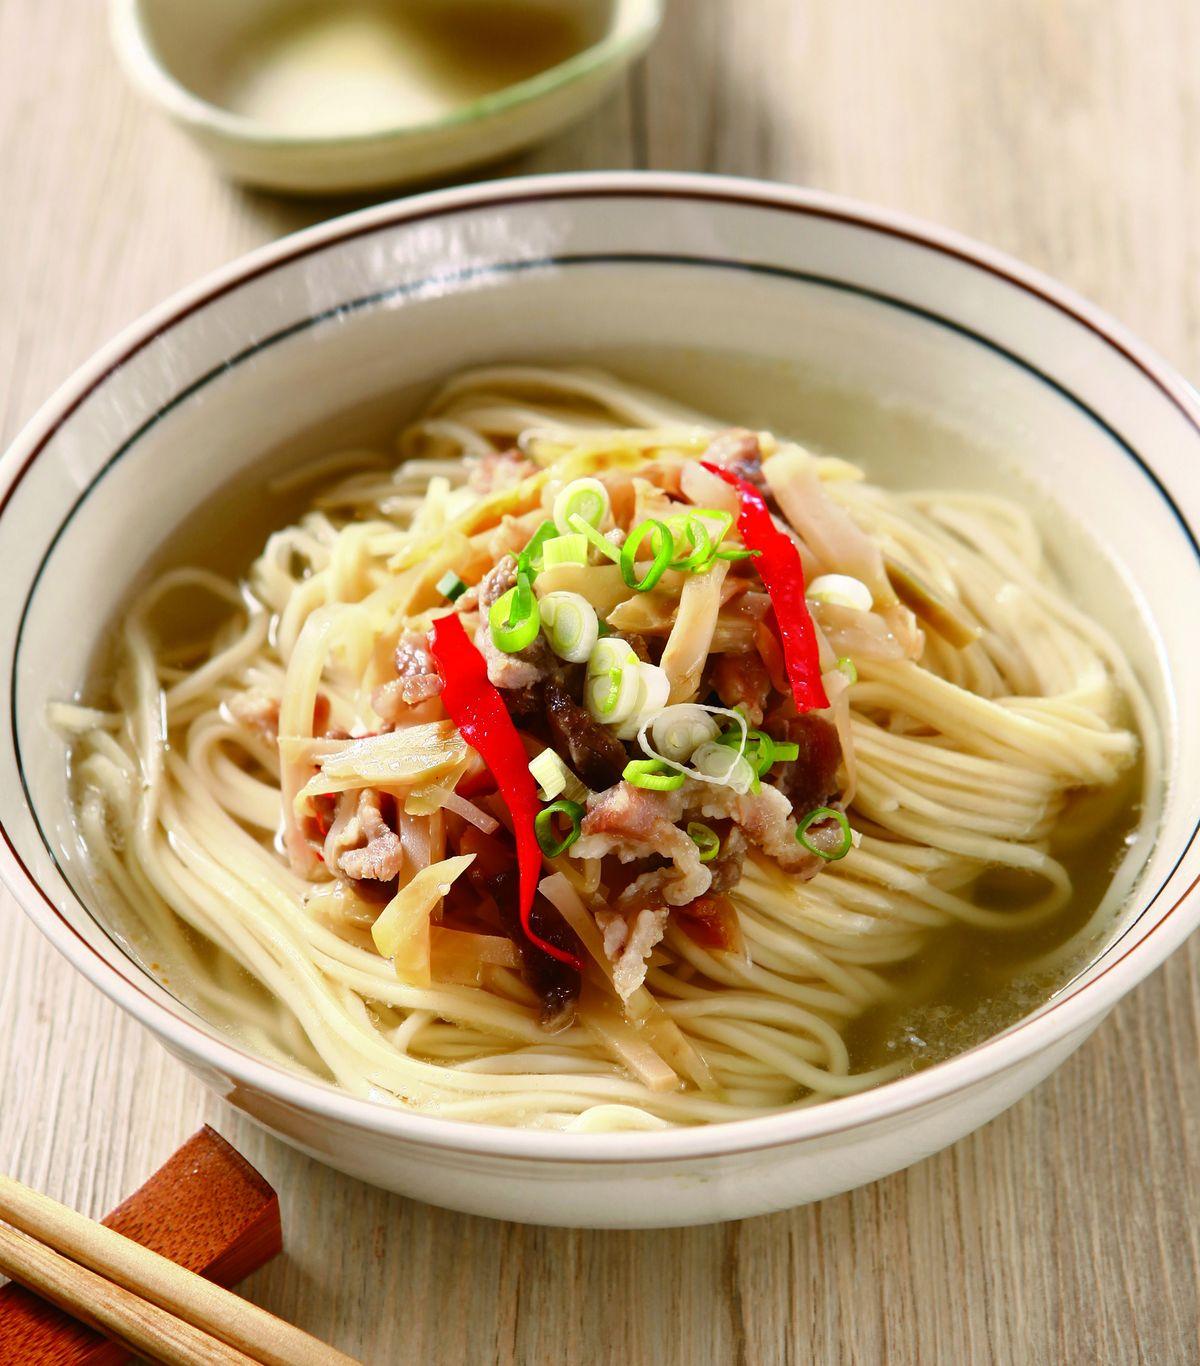 汤面肉丝海带红烧肉炖榨菜炸豆腐图片